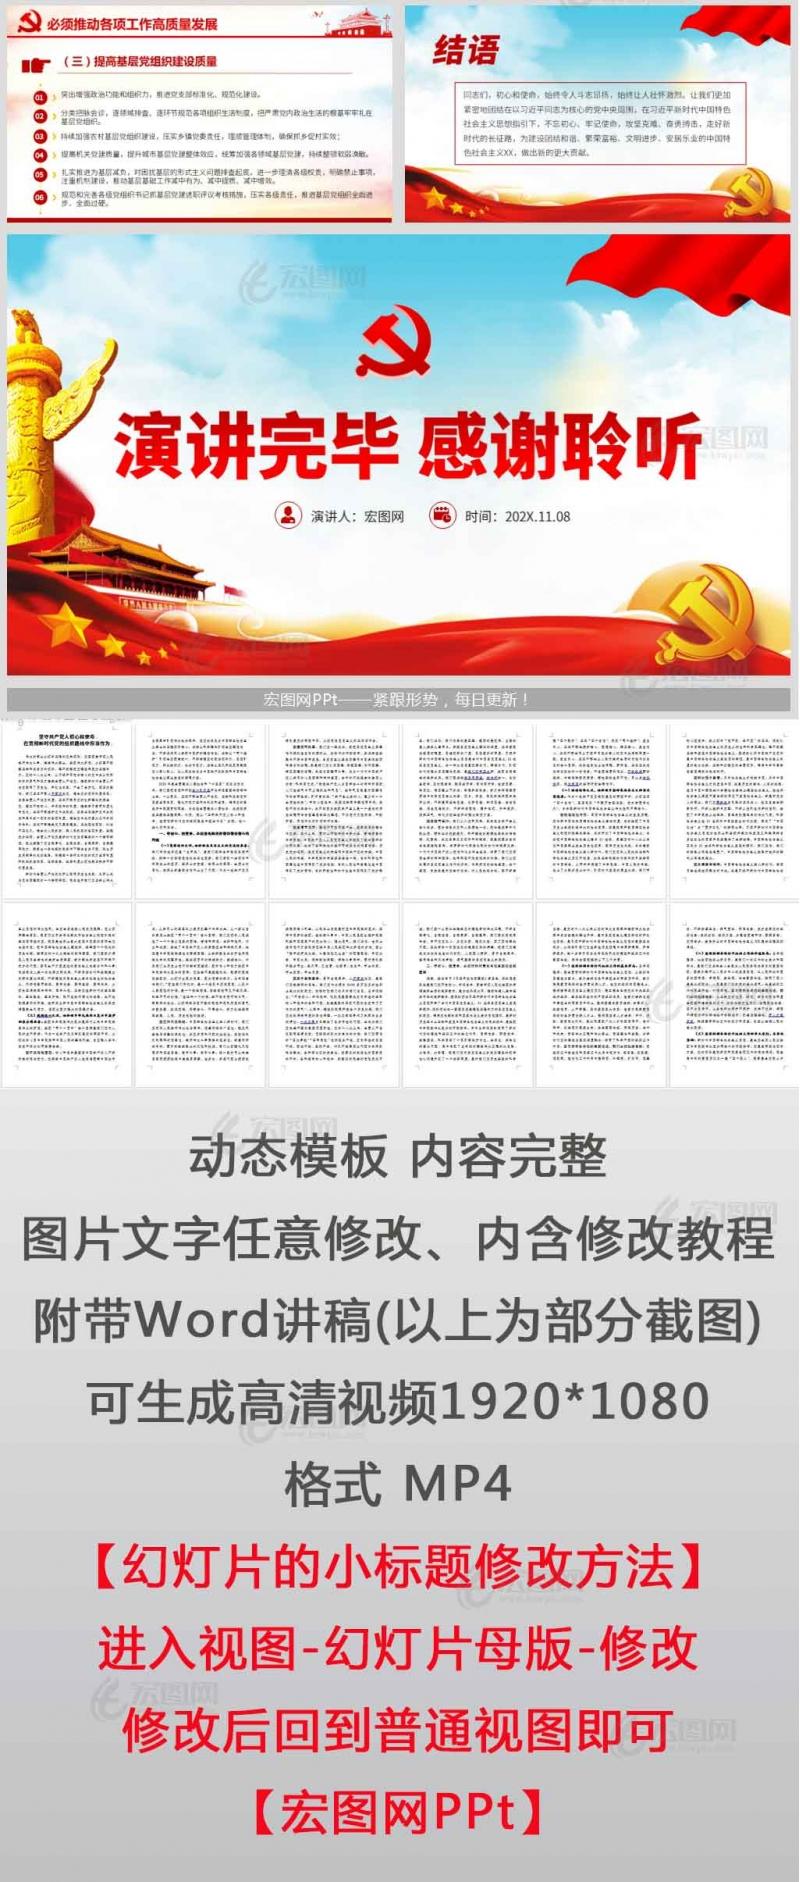 坚守共产党人初心和使命 在贯彻新时代党的组织路线中担当作为微党课PPT及讲稿